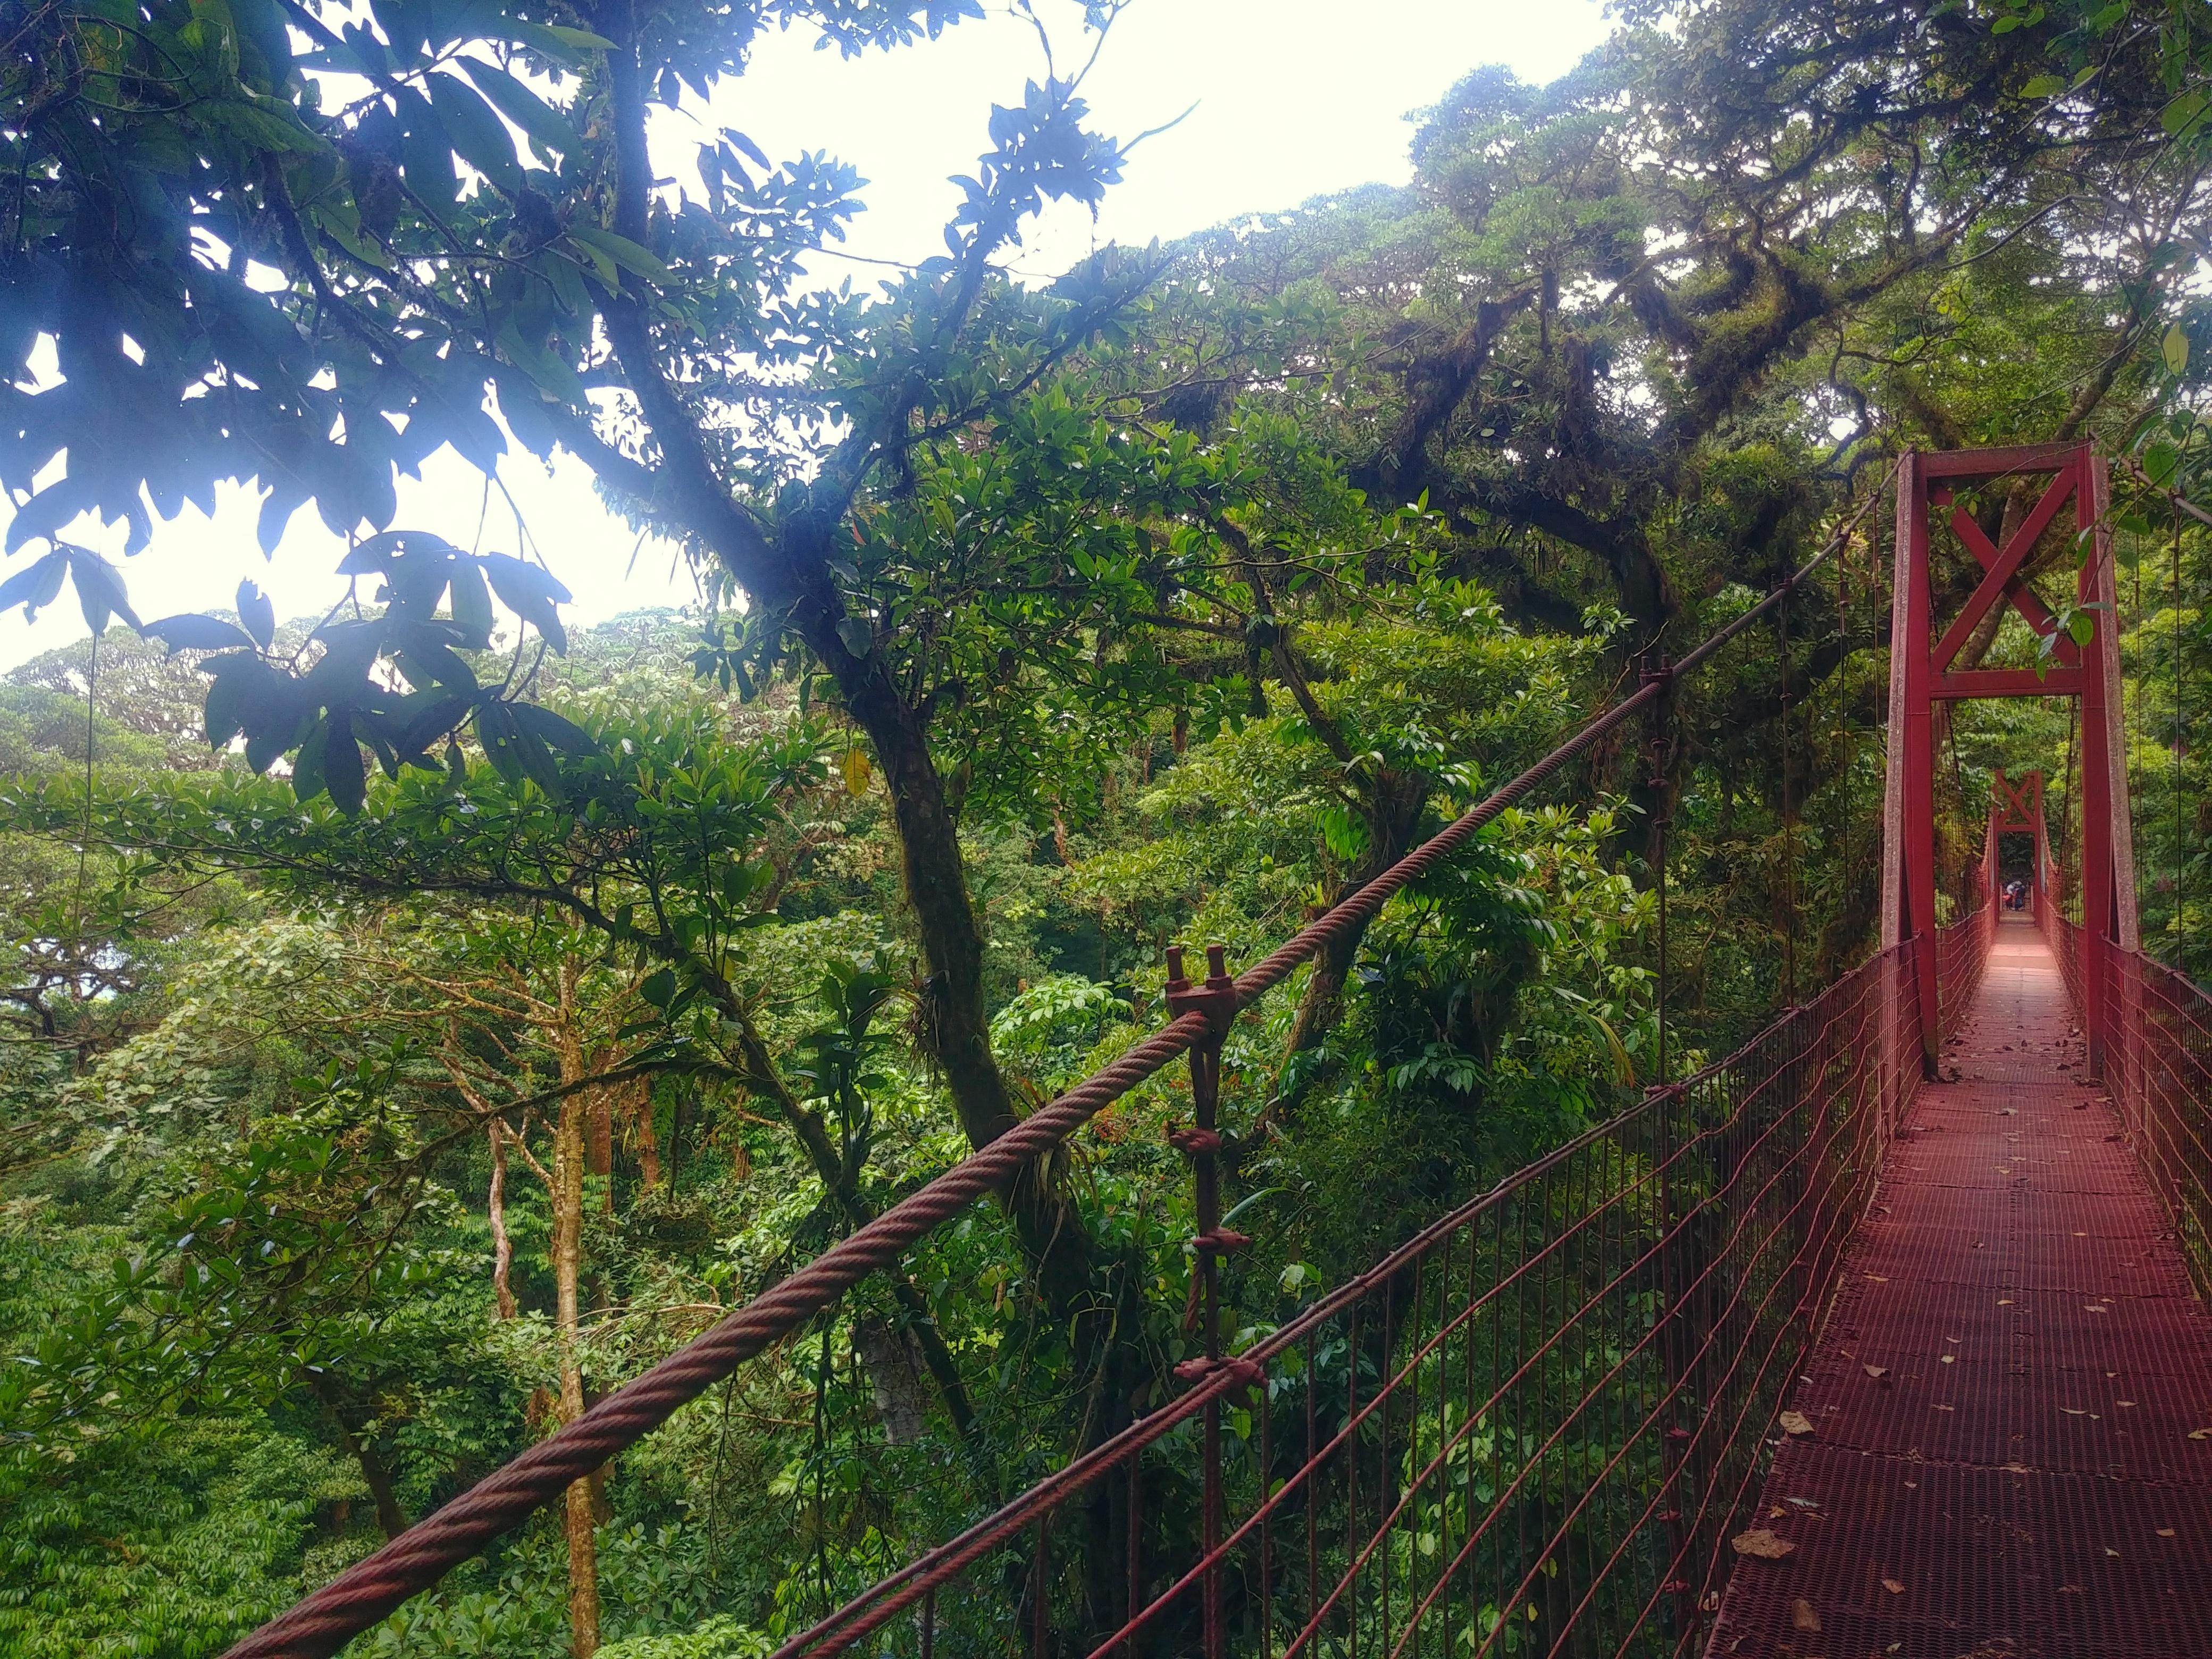 forêts de nuages forêt de nuage costa rica voyage pont suspendu monteverde